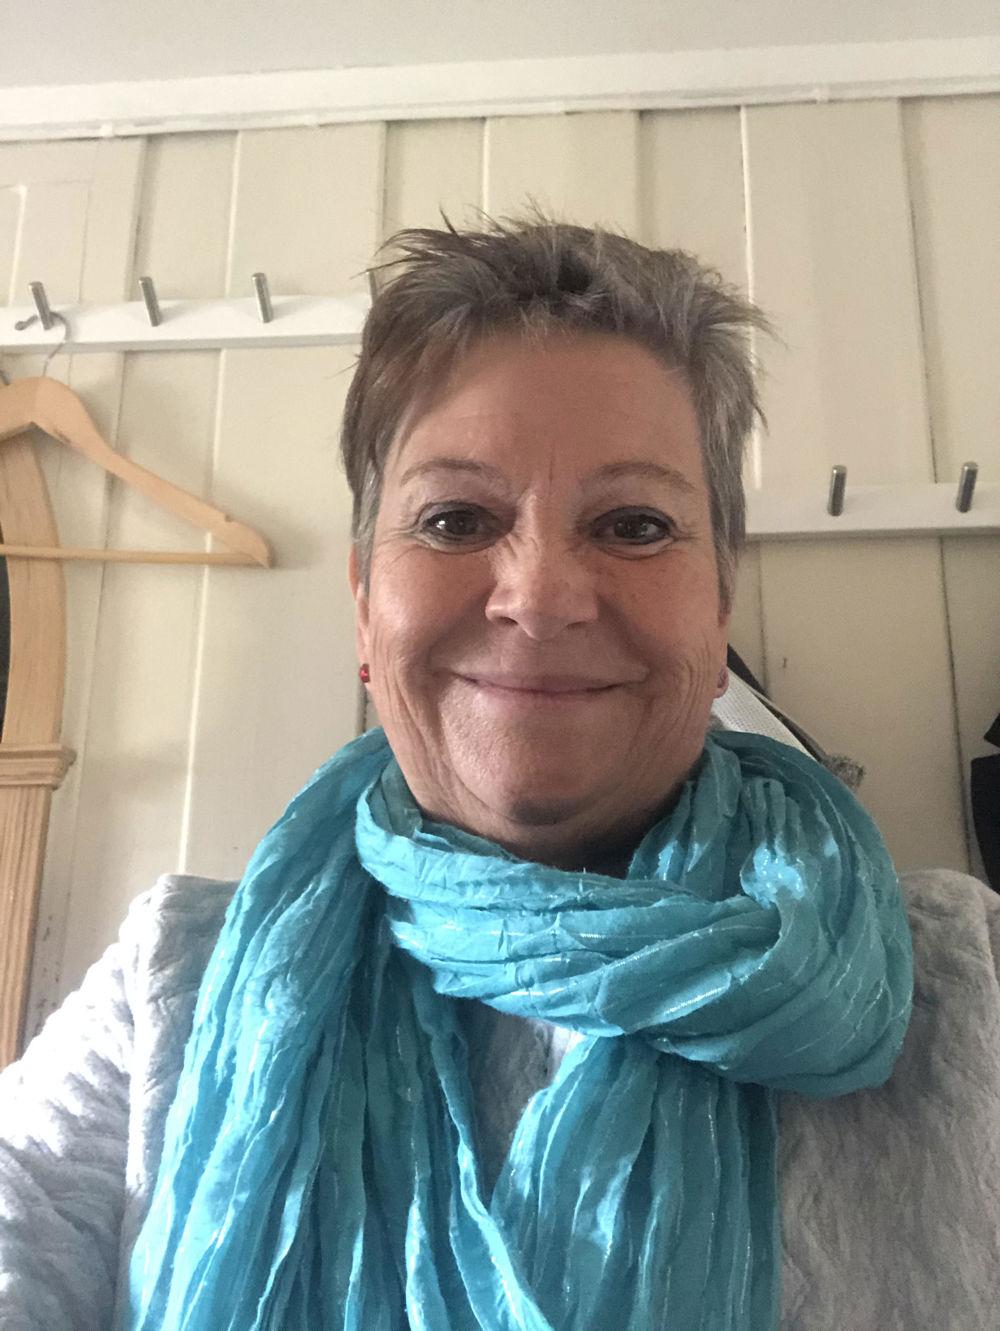 Ingebjørg Amanda Godskesen style=